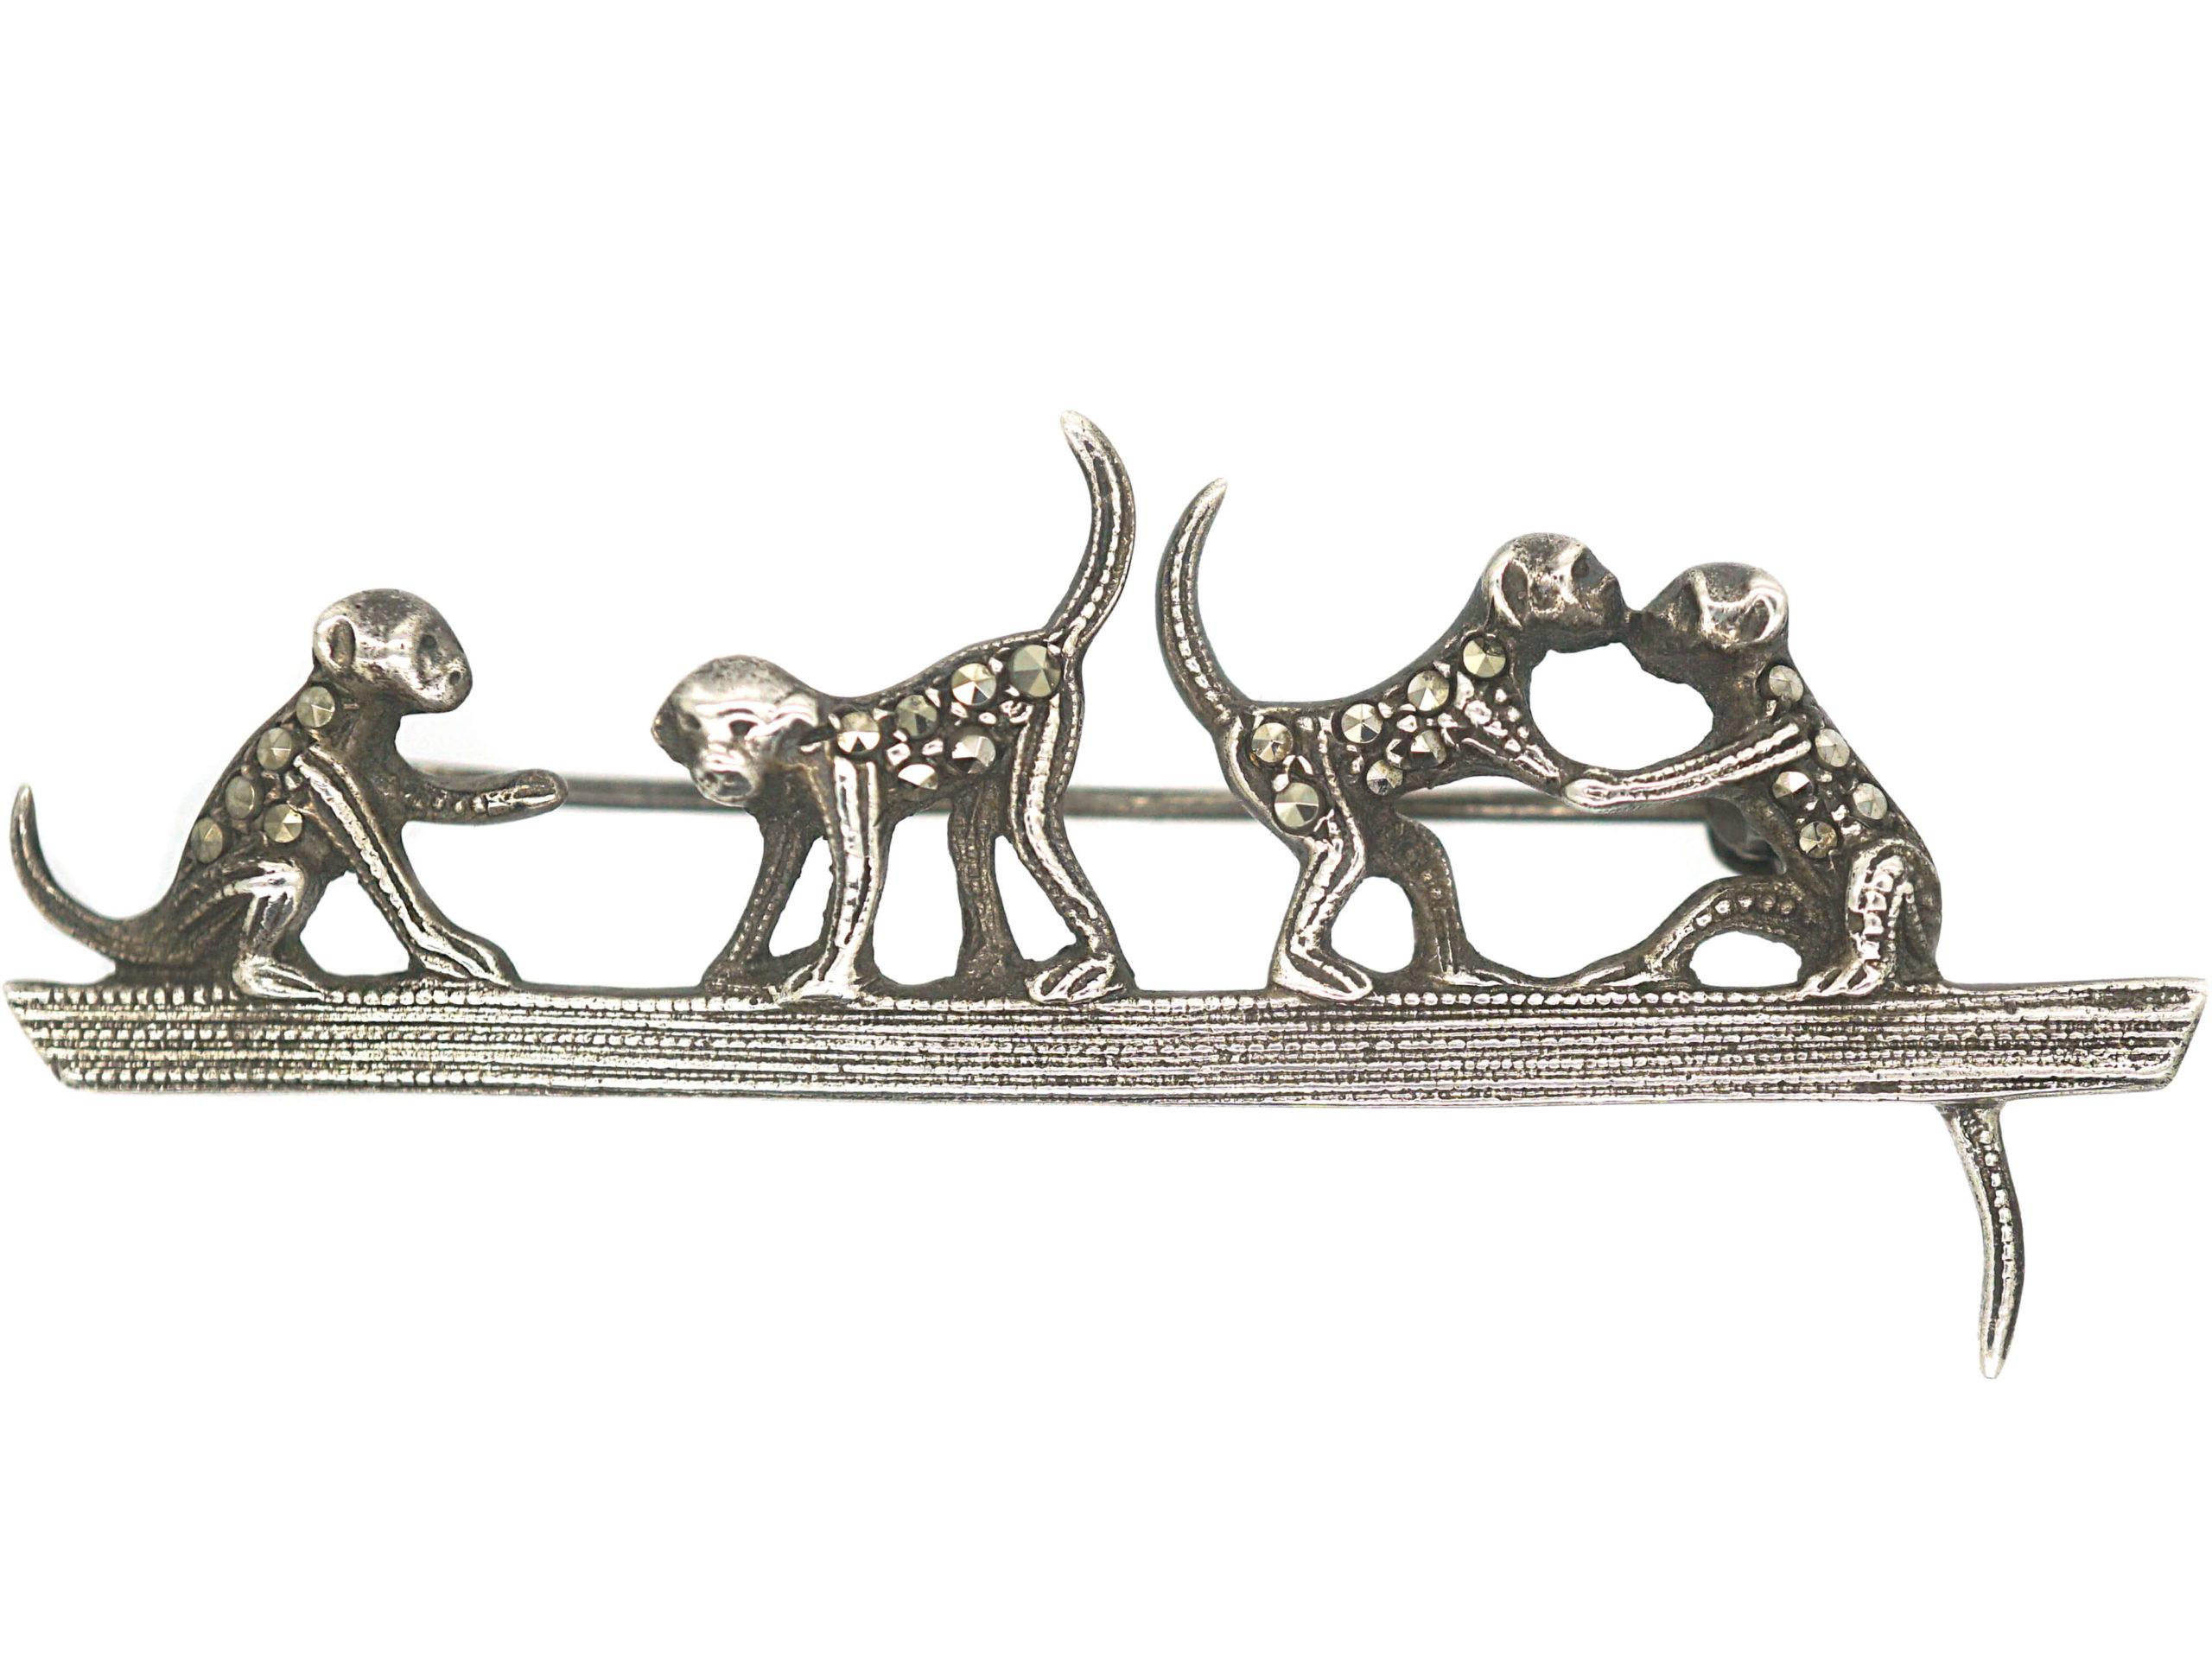 Art Deco Silver & Marcasite Playful Monkeys Brooch